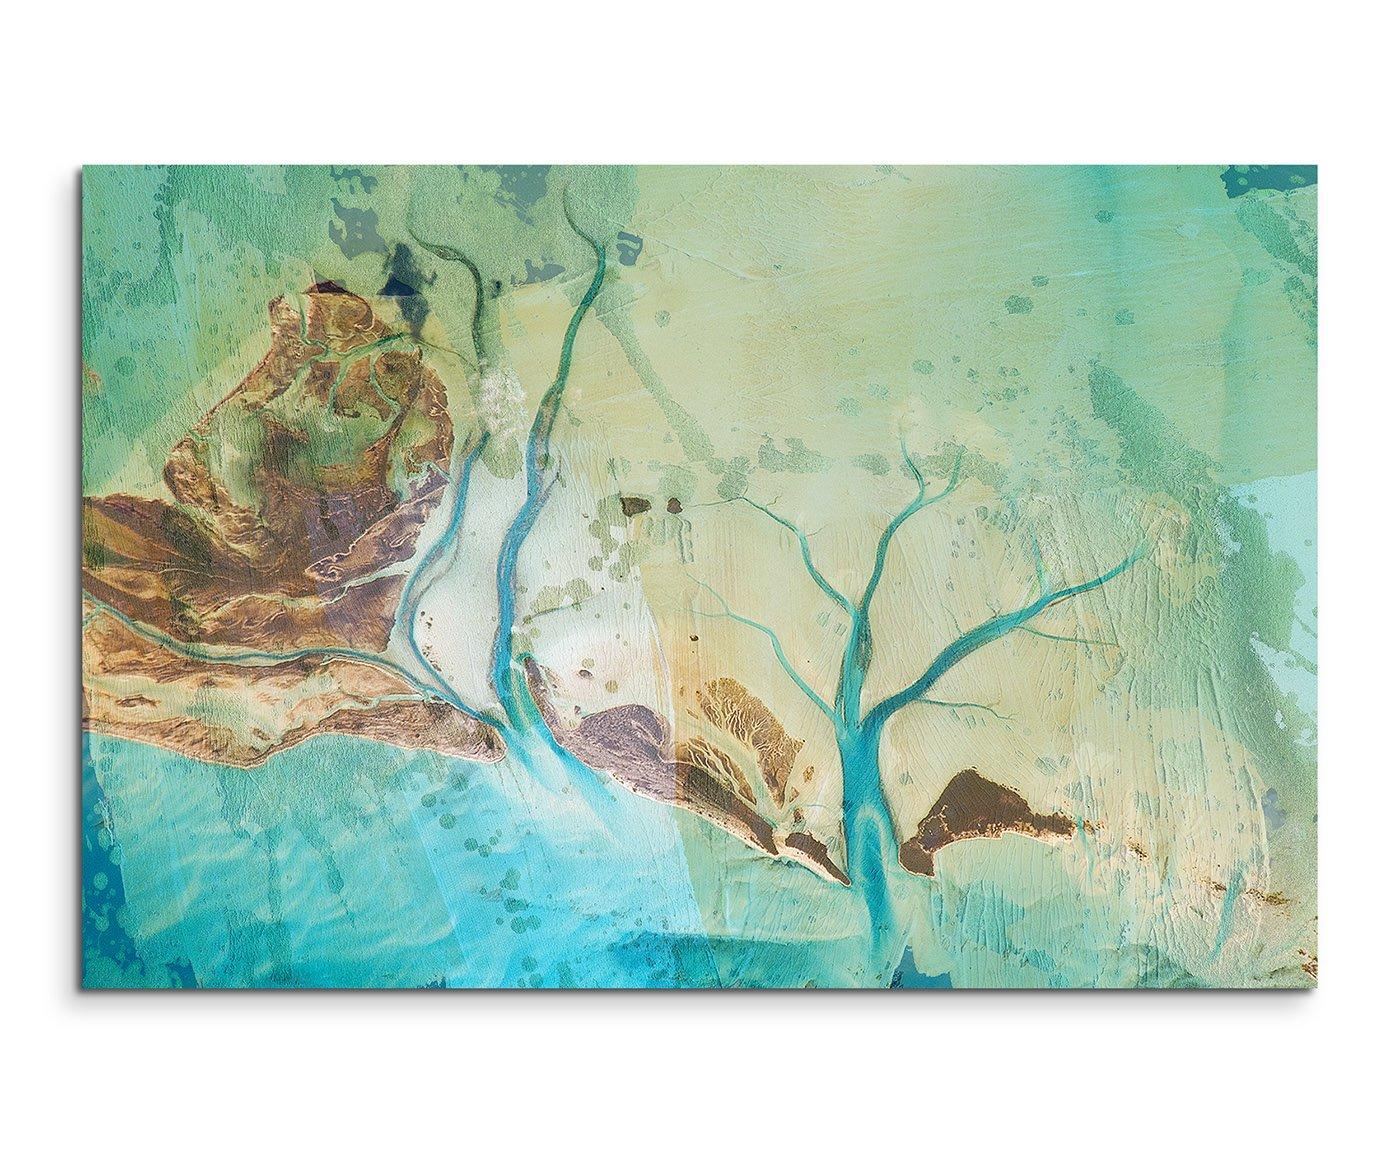 Amazon.de: 120x80cm Leinwandbild Leinwanddruck Kunstdruck Wandbild ...